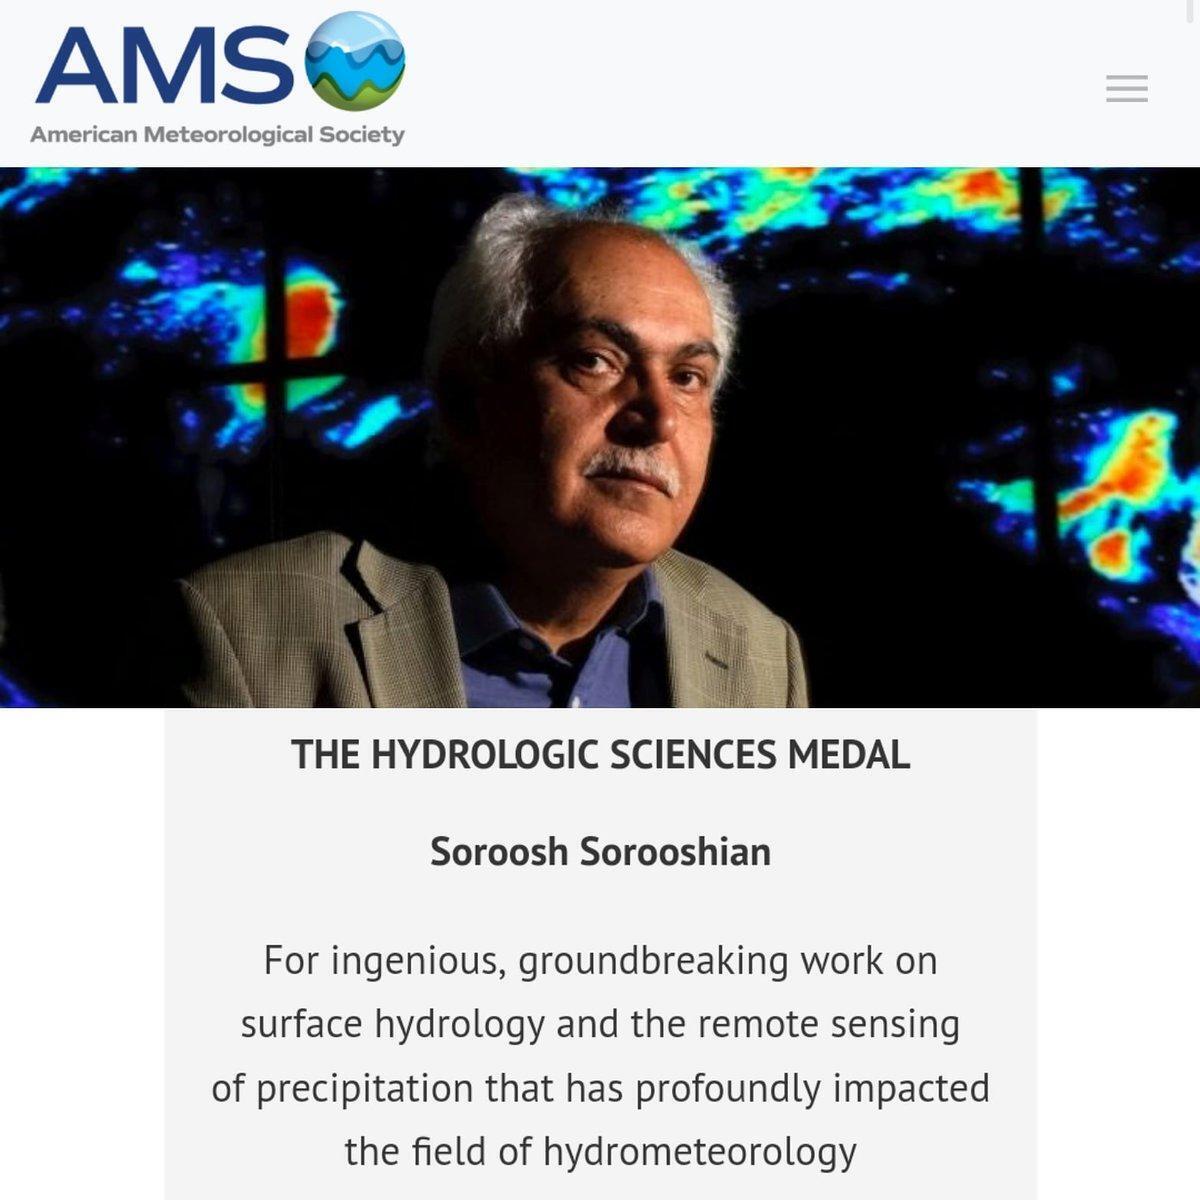 پرفسور سروش سروشیان، برنده مدال جامعه هواشناسی آمریکا